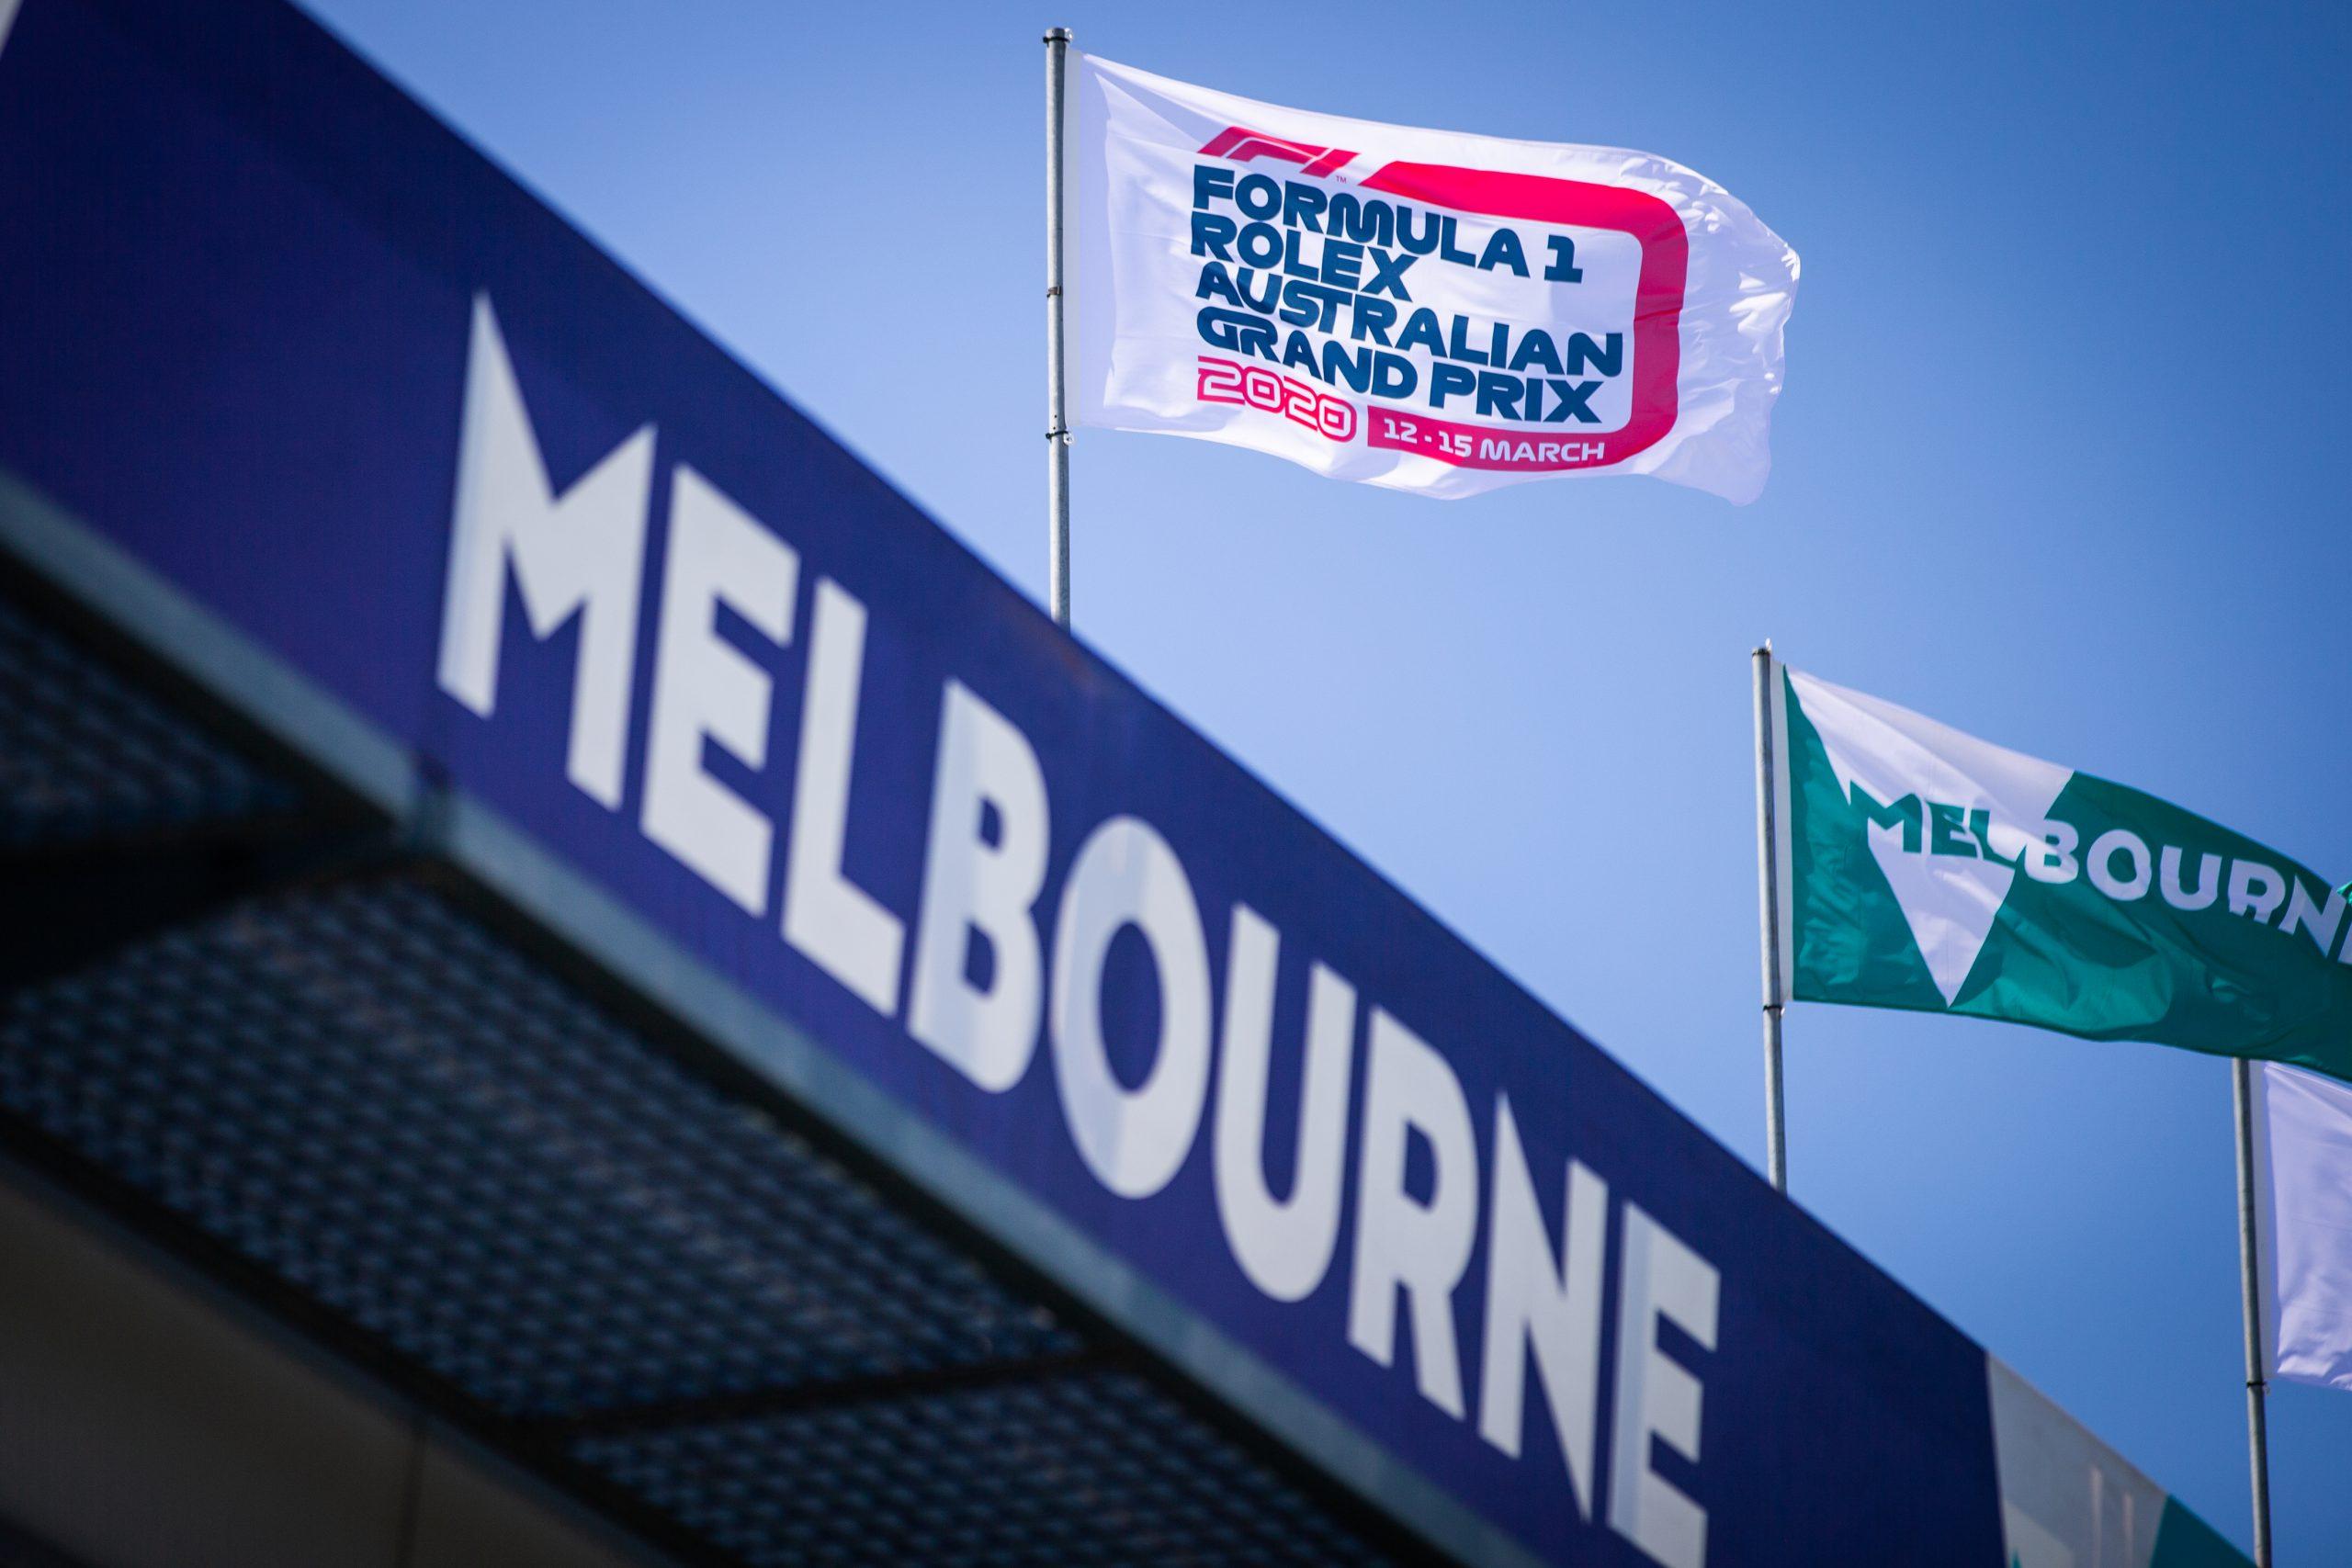 Startaufstellung Melbourne 2021